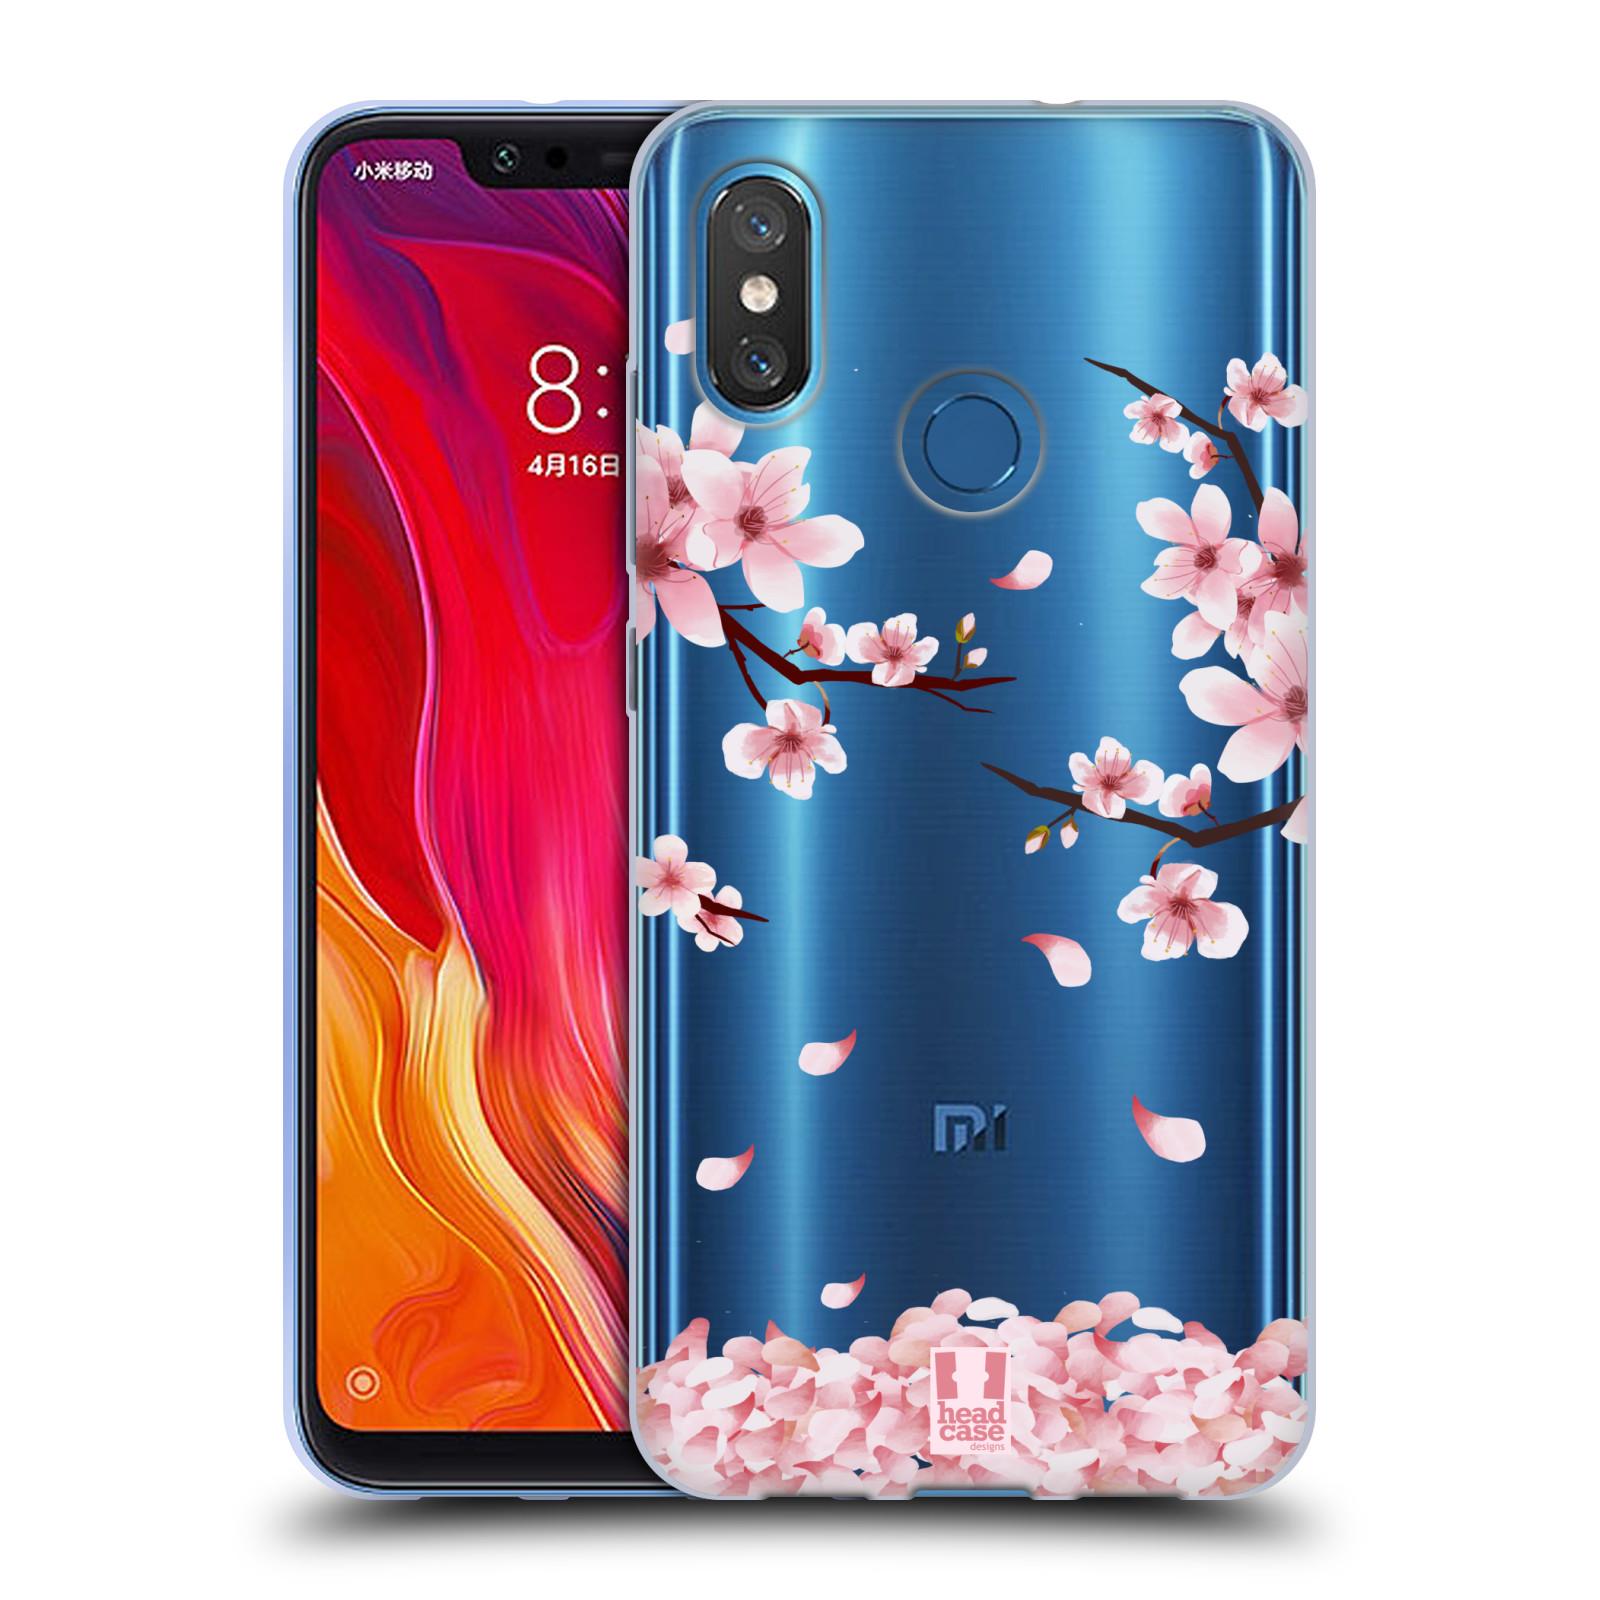 Silikonové pouzdro na mobil Xiaomi Mi8 - Head Case - Květy a větvičky